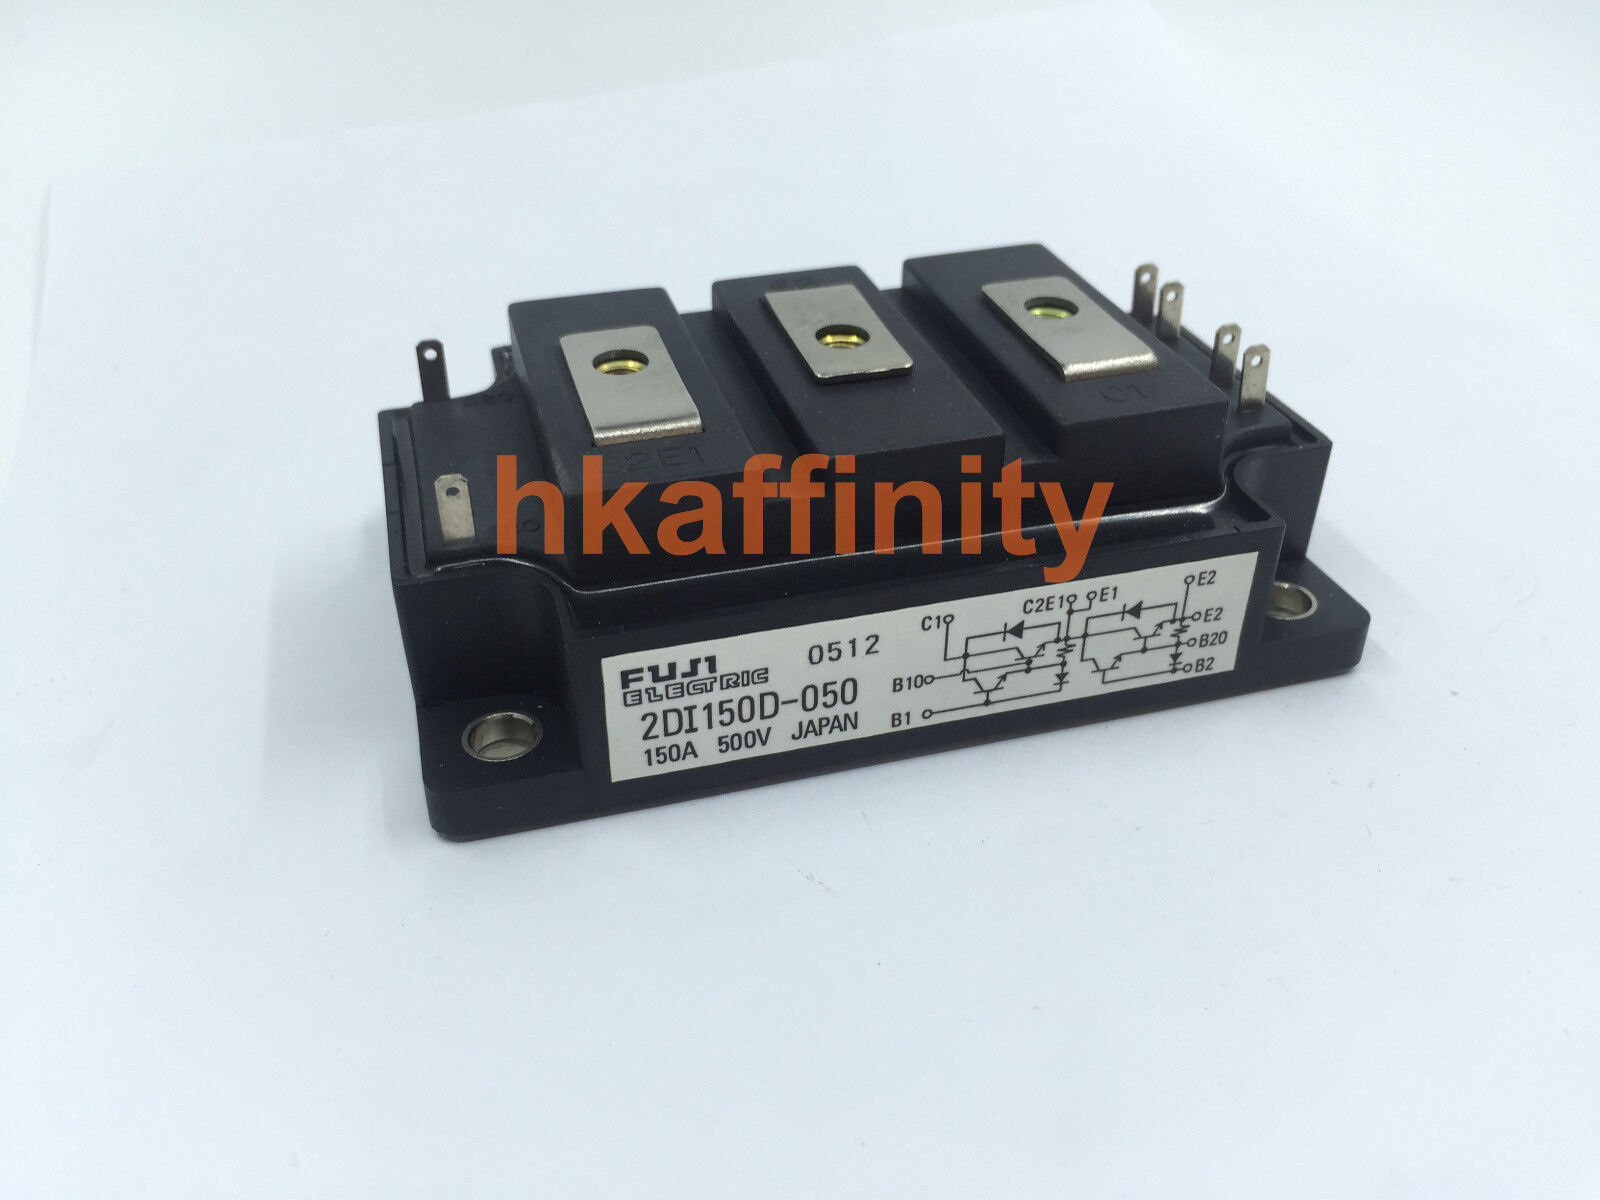 2DI150D-050  FUJI  Modul  500V  150A  NEW 1 pc